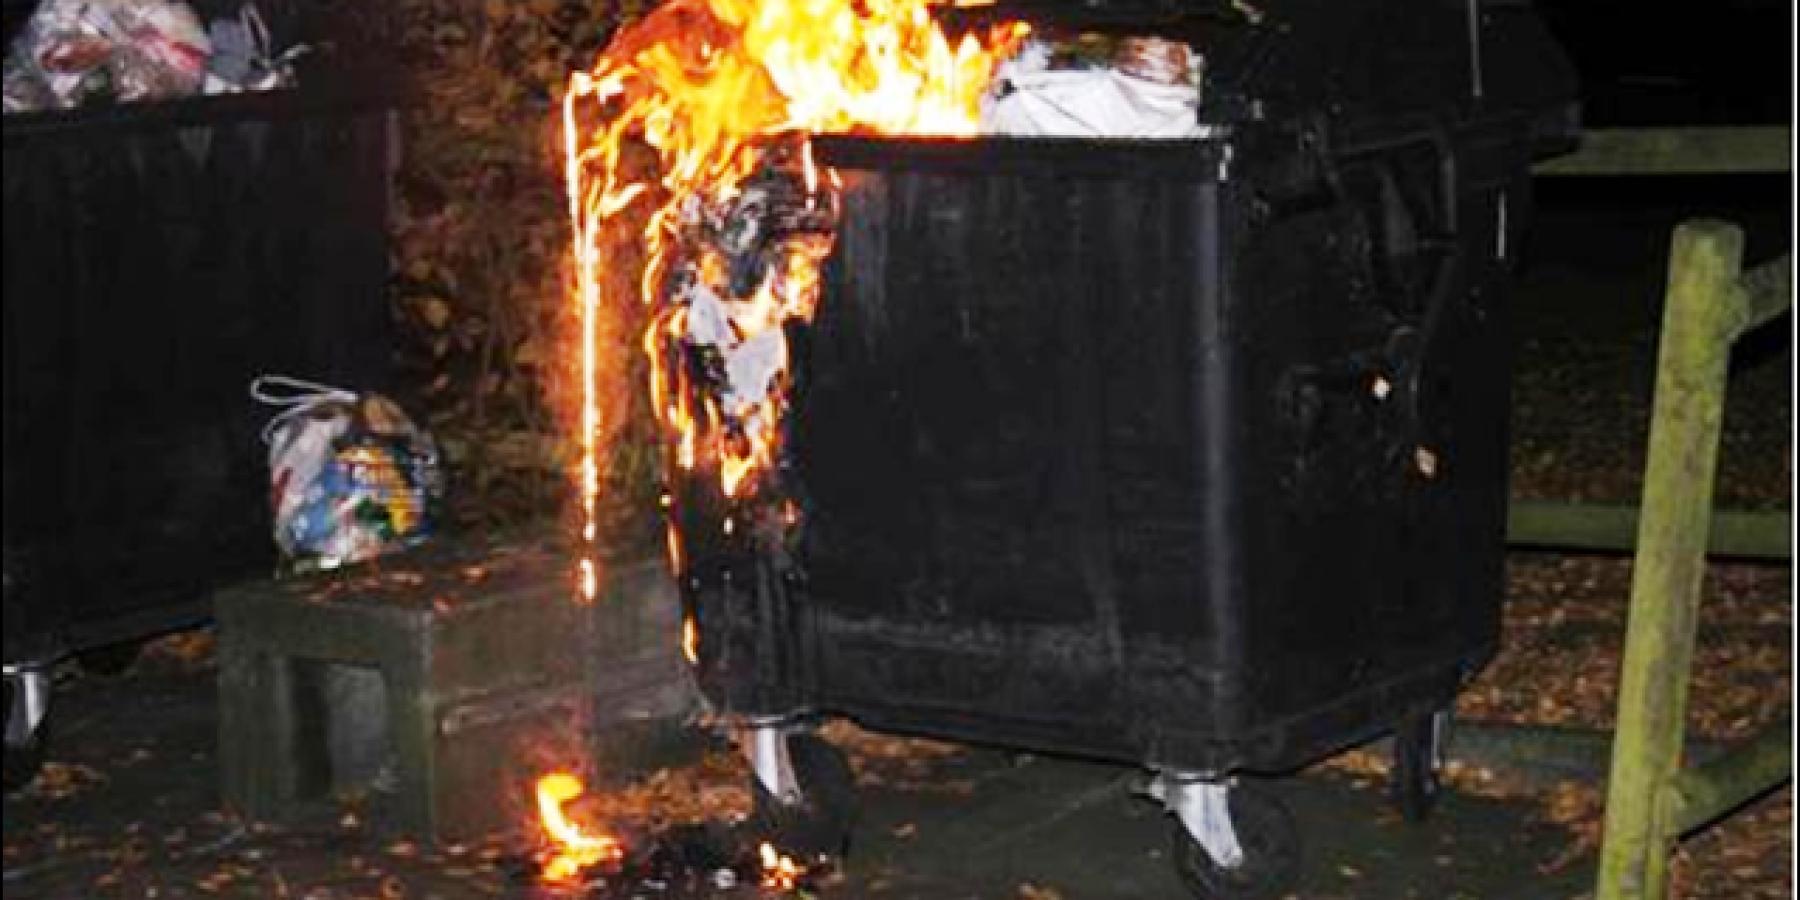 Mülltonnen angezündet – Haus und Käfer beschädigt